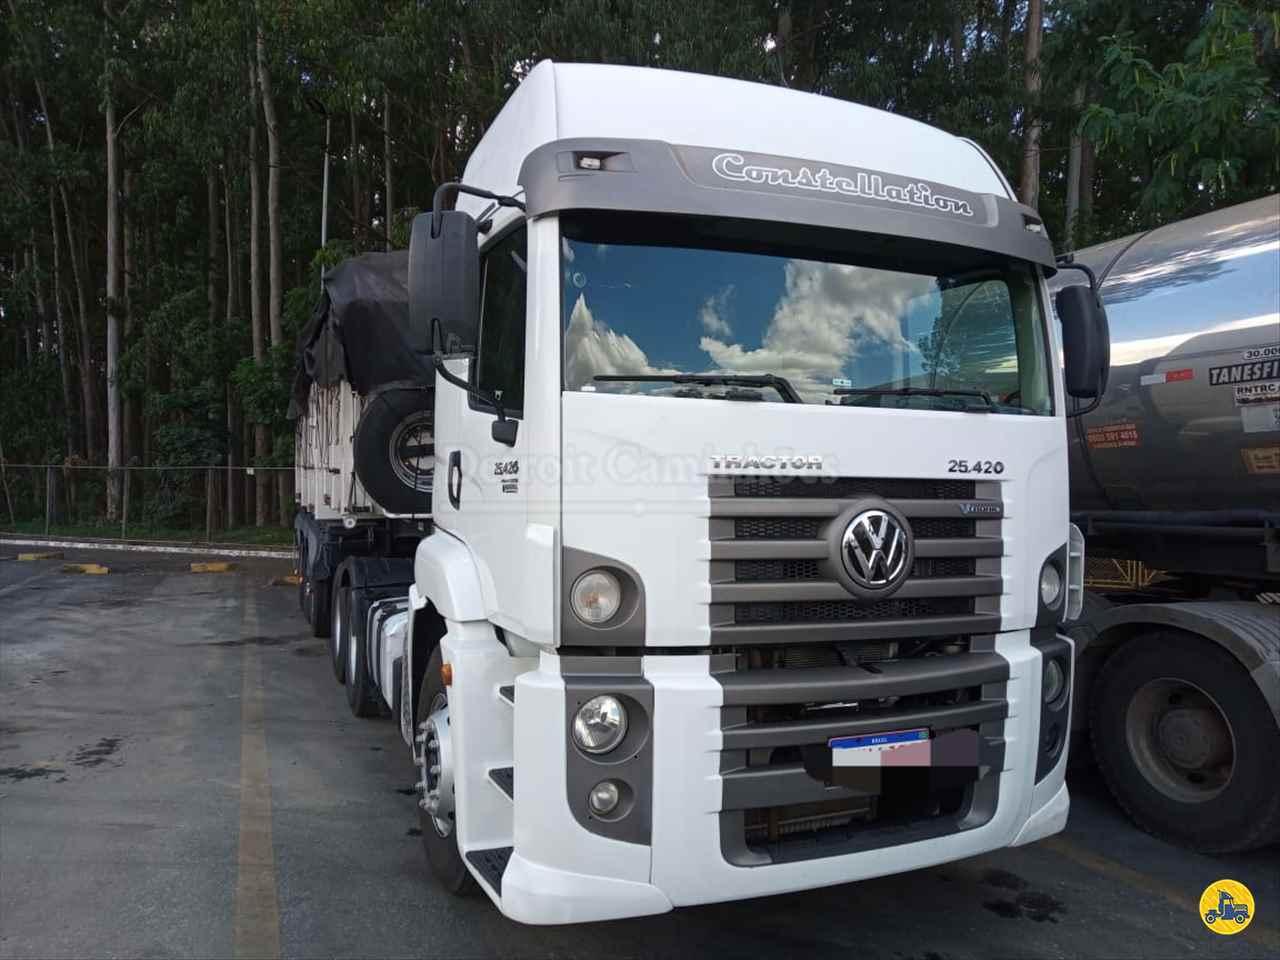 CAMINHAO VOLKSWAGEN VW 25420 Cavalo Mecânico Truck 6x2 Detroit Caminhões SAO JOSE DOS CAMPOS SÃO PAULO SP